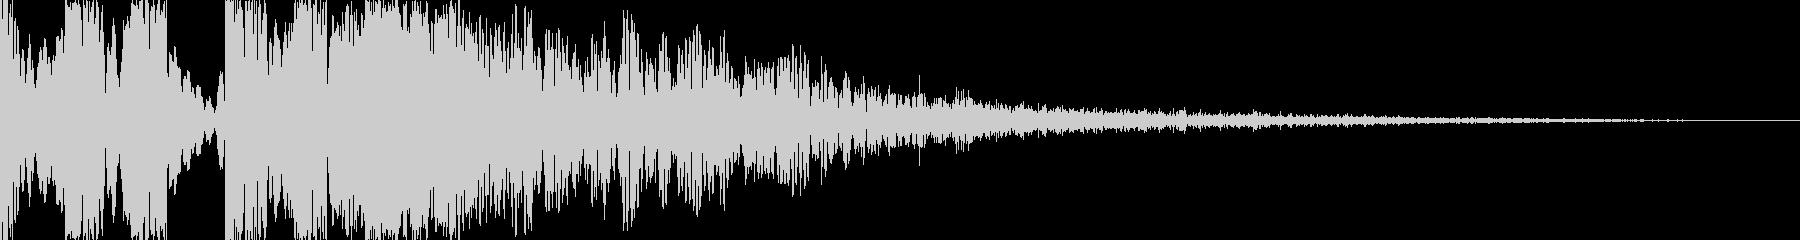 スクラッチ/DJの効果音!11の未再生の波形